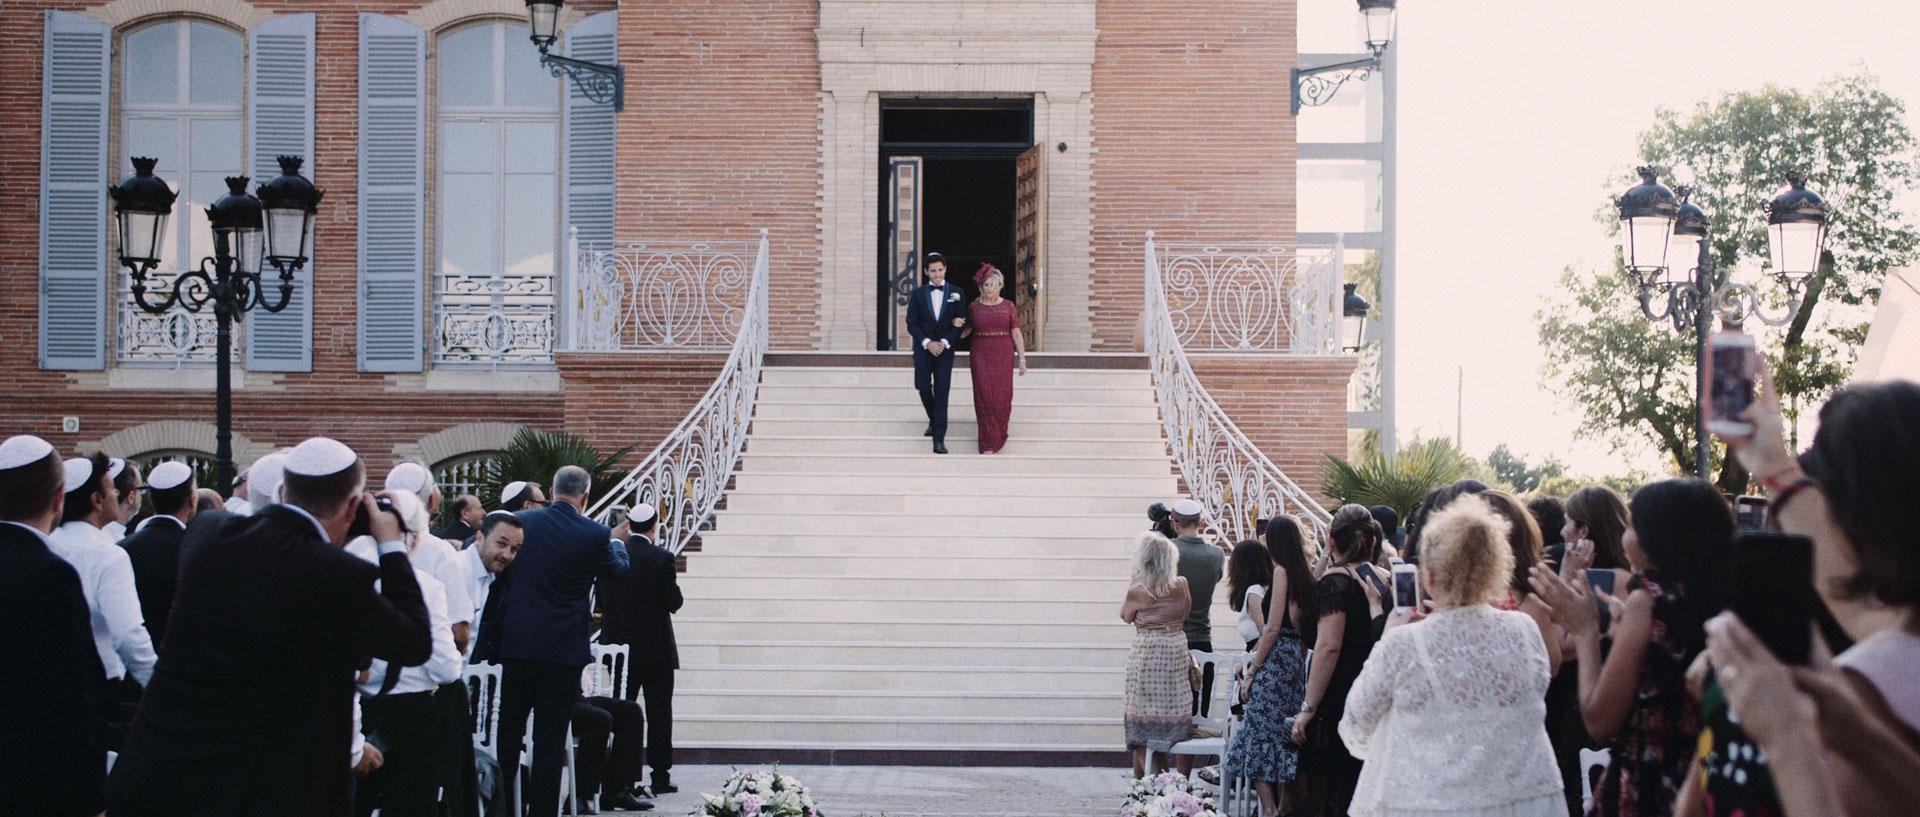 Laurie-&-Kevin---Wedding-Film.00_01_31_04.jpg